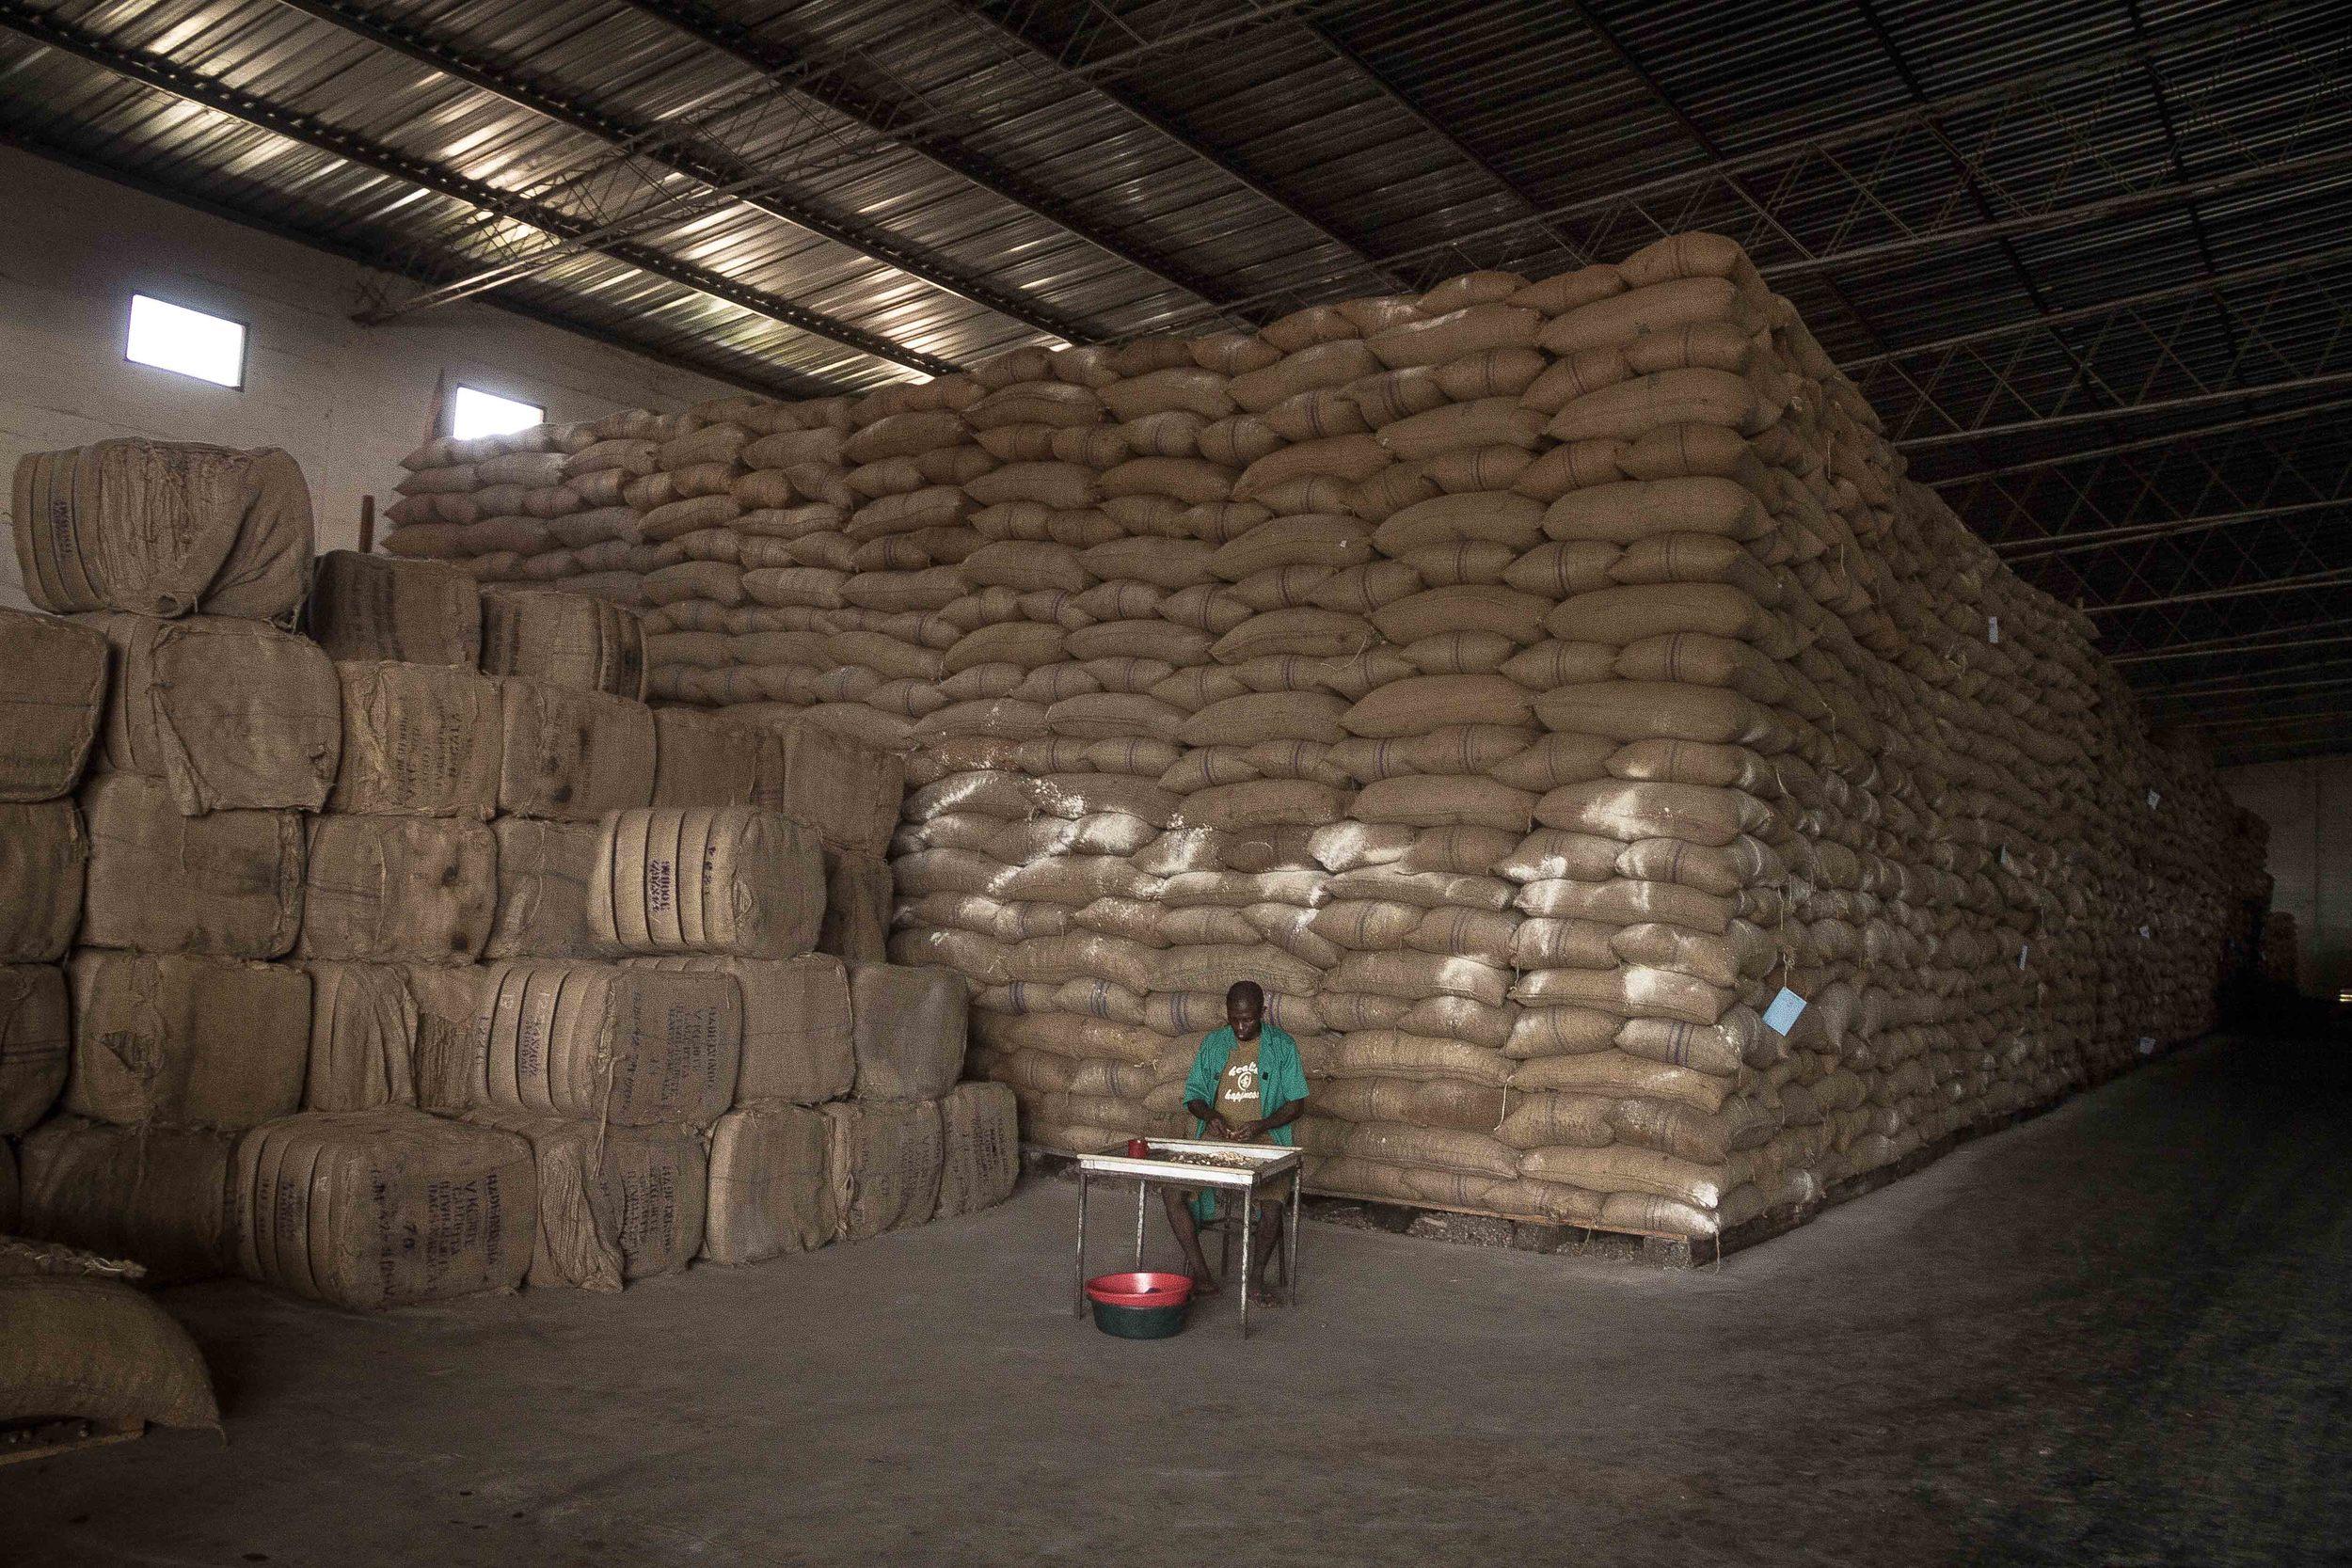 Anchilo district, Nampula province  – A worker at the Condor Nuts factory checks the quality of the purchased raw cashew nut that is stored inside the warehouse |  Um trabalhador da fábrica da Condor Nuts verifica a qualidade da castanha de caju dentro do armazém